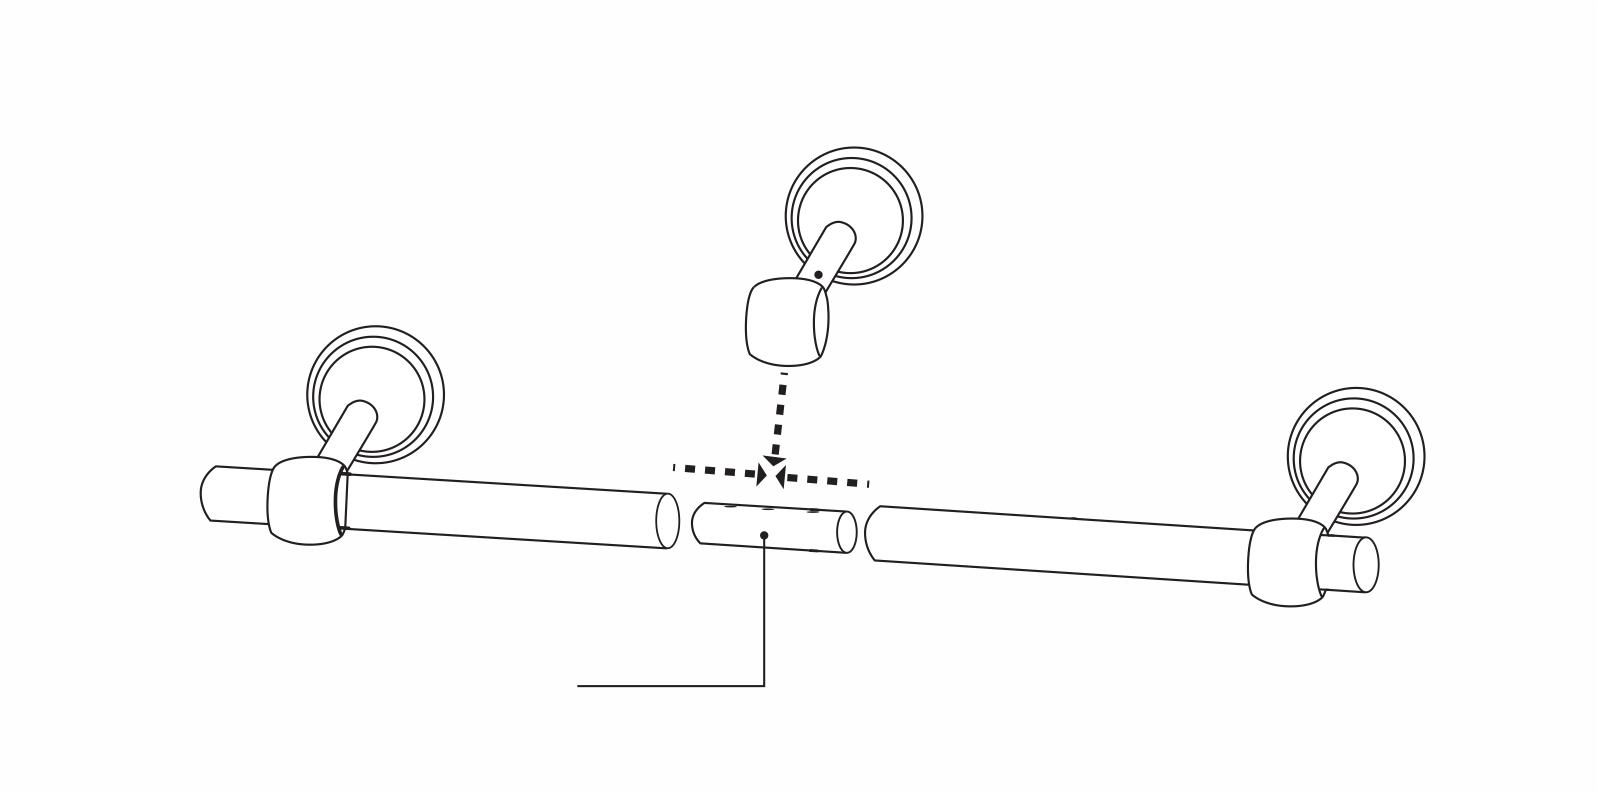 Csőtoldó elem használata a karnisrudak összeillesztésénél